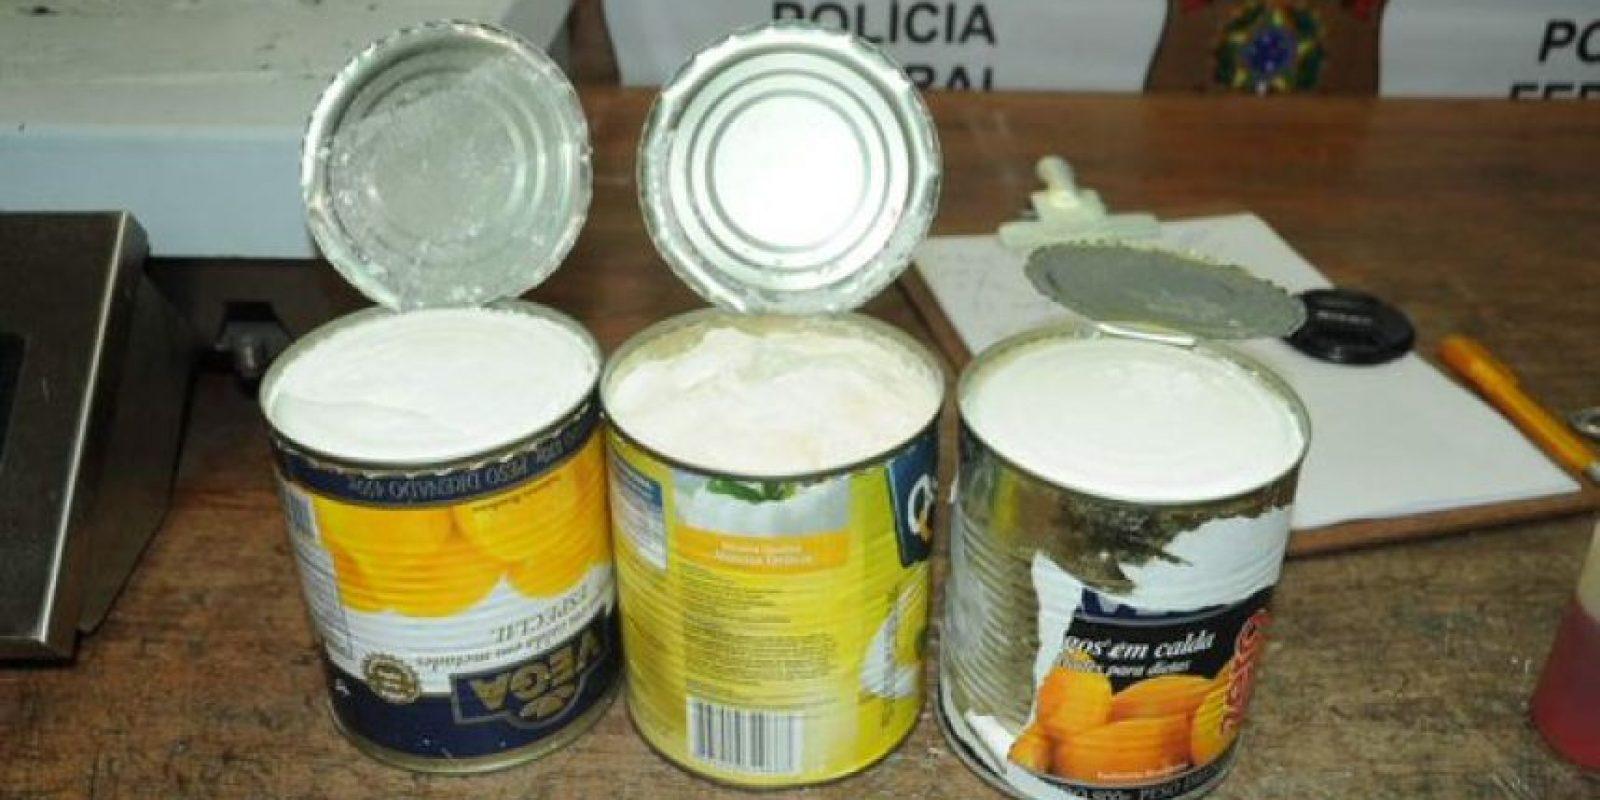 Enlatados: Diferentes tipos de conservas como sardinas, durazno, verduras han sido utilizados por los narcotraficantes para llevar la droga en encomiendas o maletas. Foto:Internet